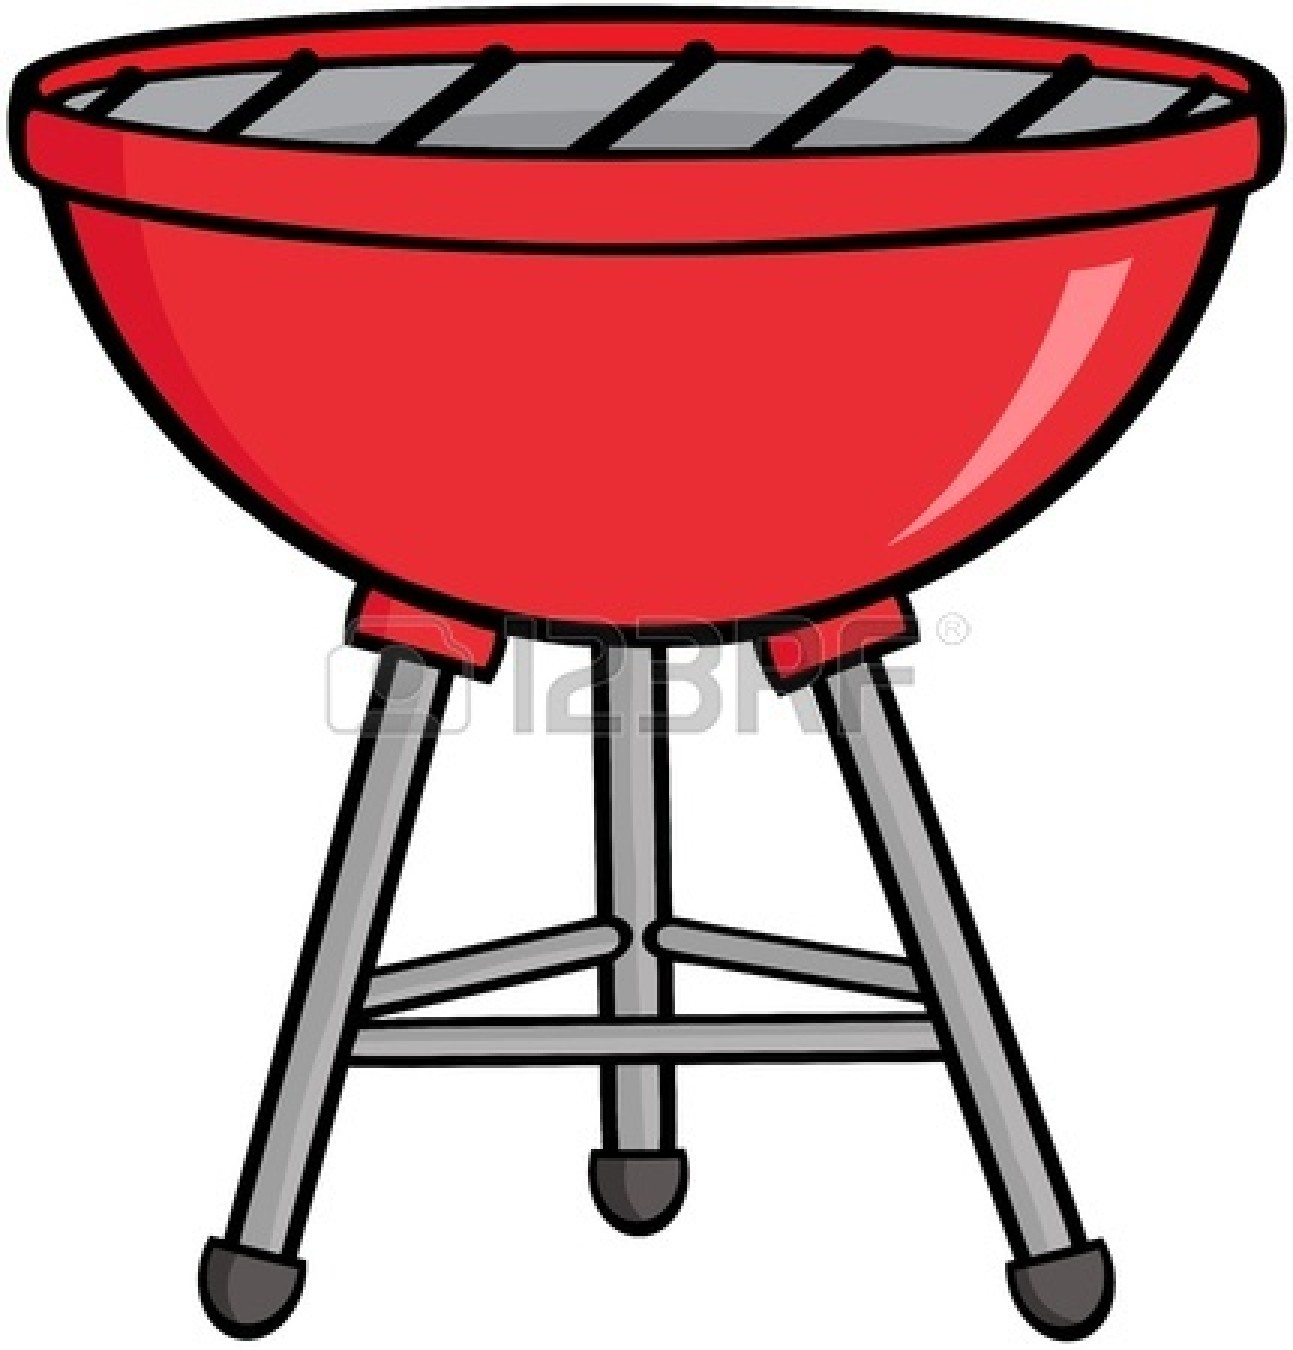 1293x1350 Barbecue Pit Clip Art Cliparts